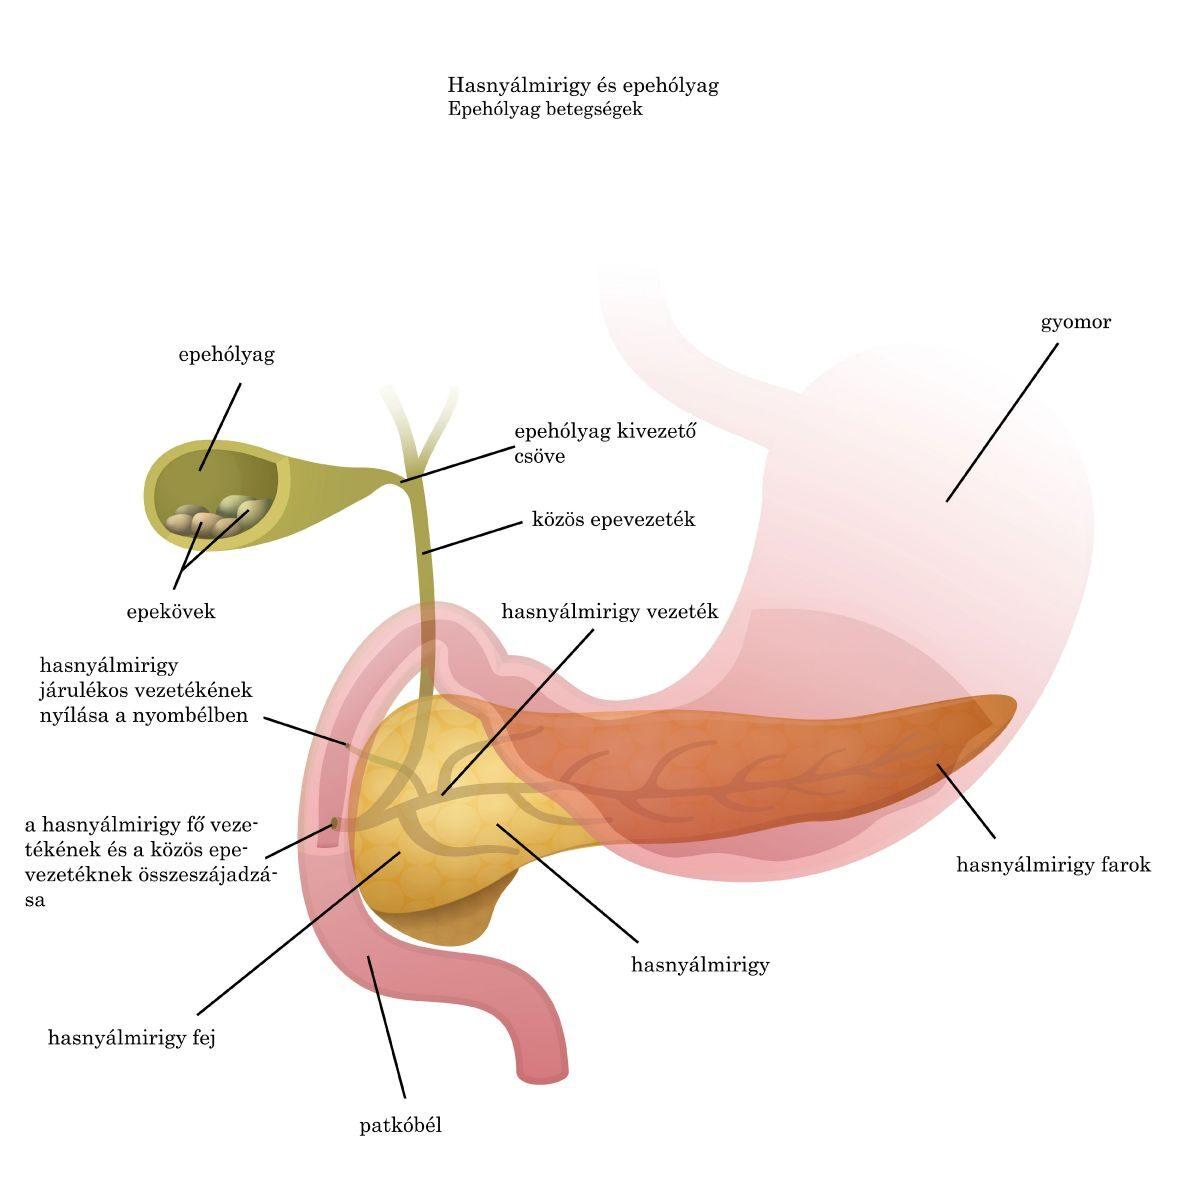 paraziták a májban és az epehólyag tünetei